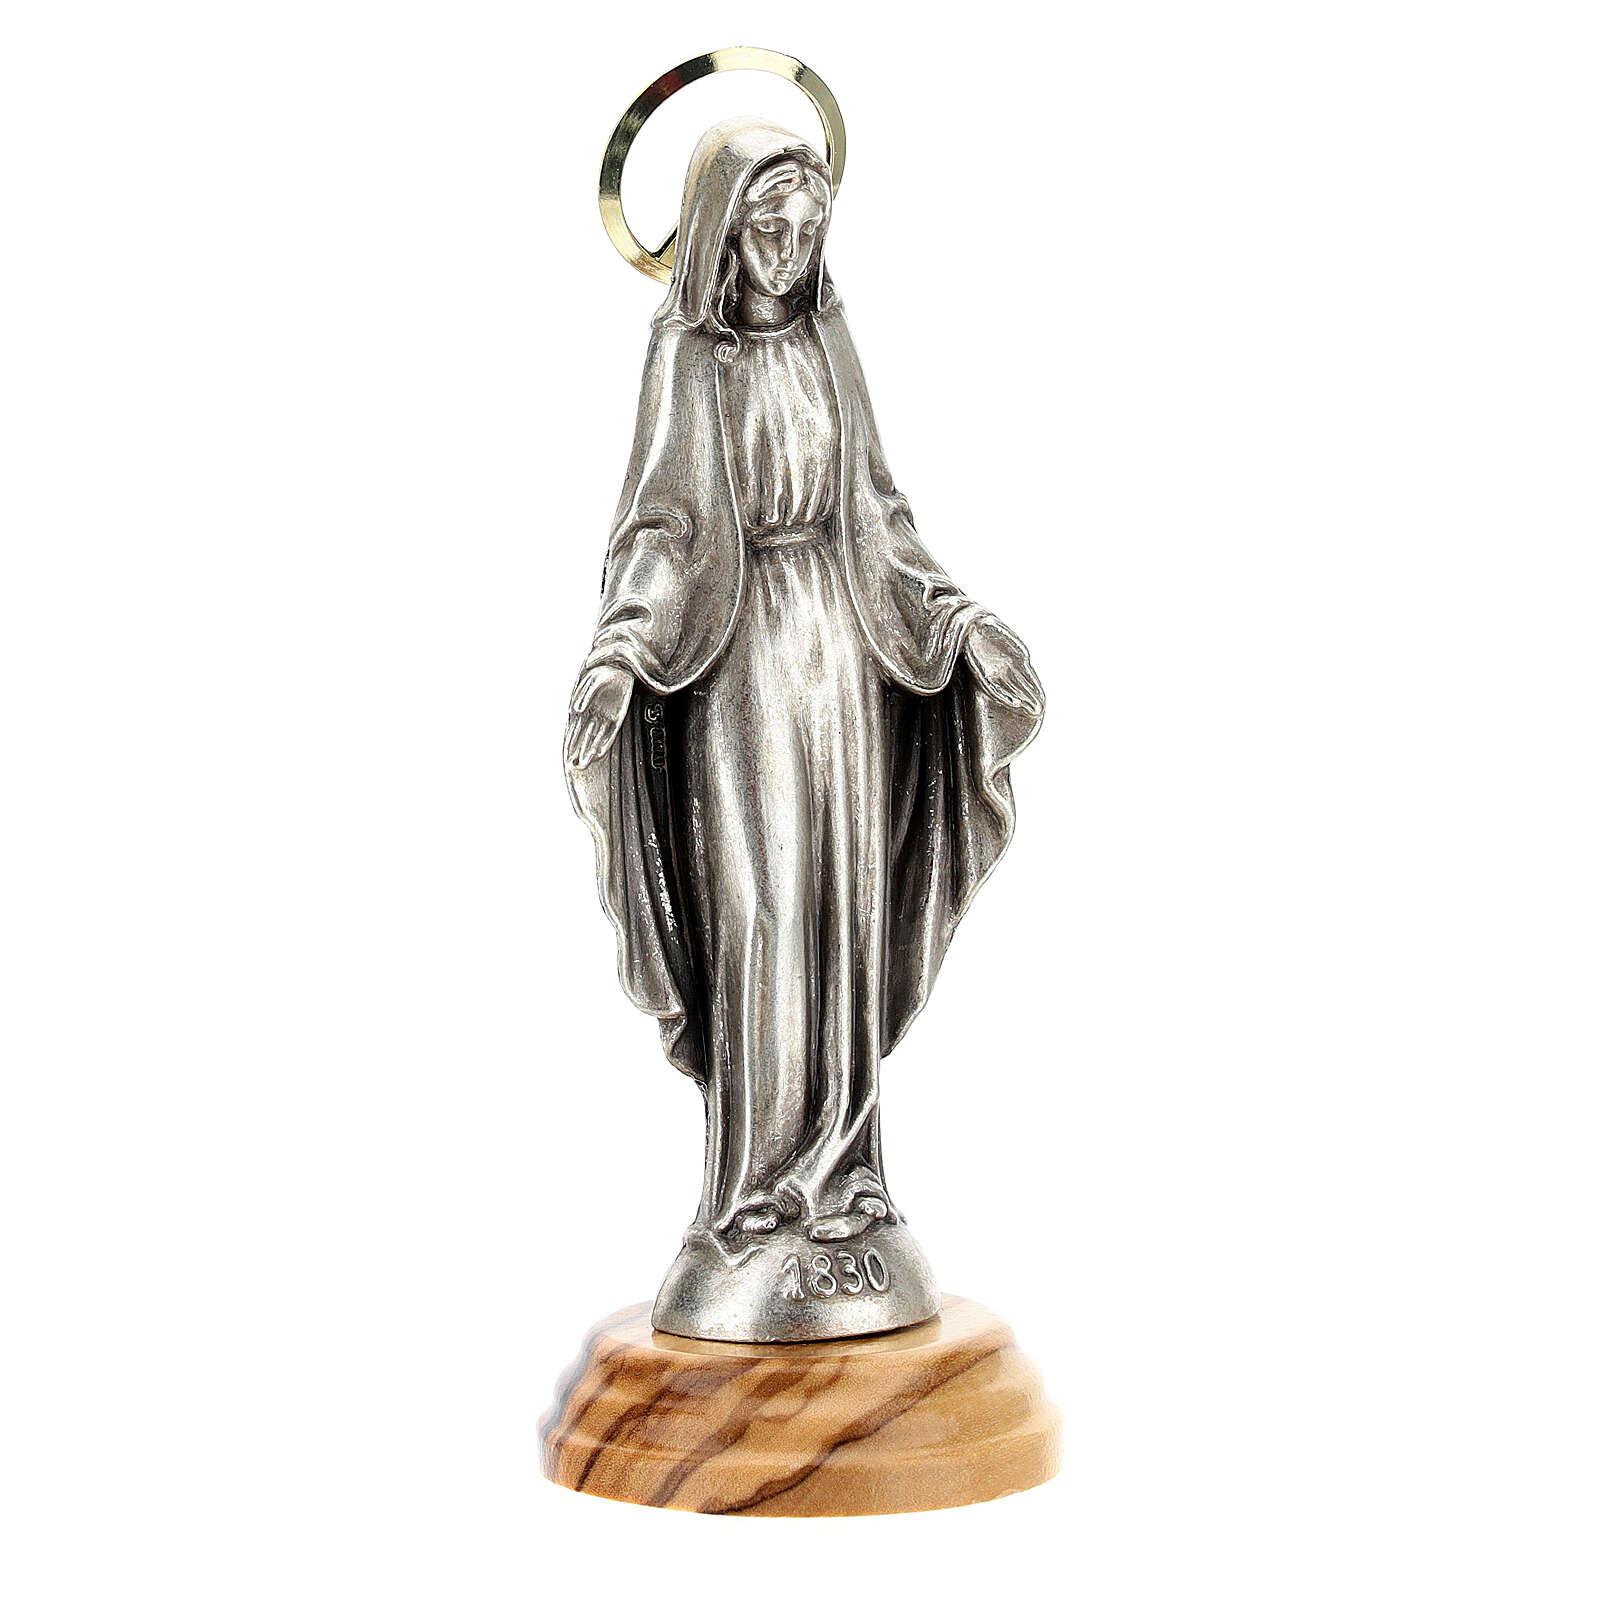 Estatua Virgen Milagrosa Madera olivo zamak 12 cm 4